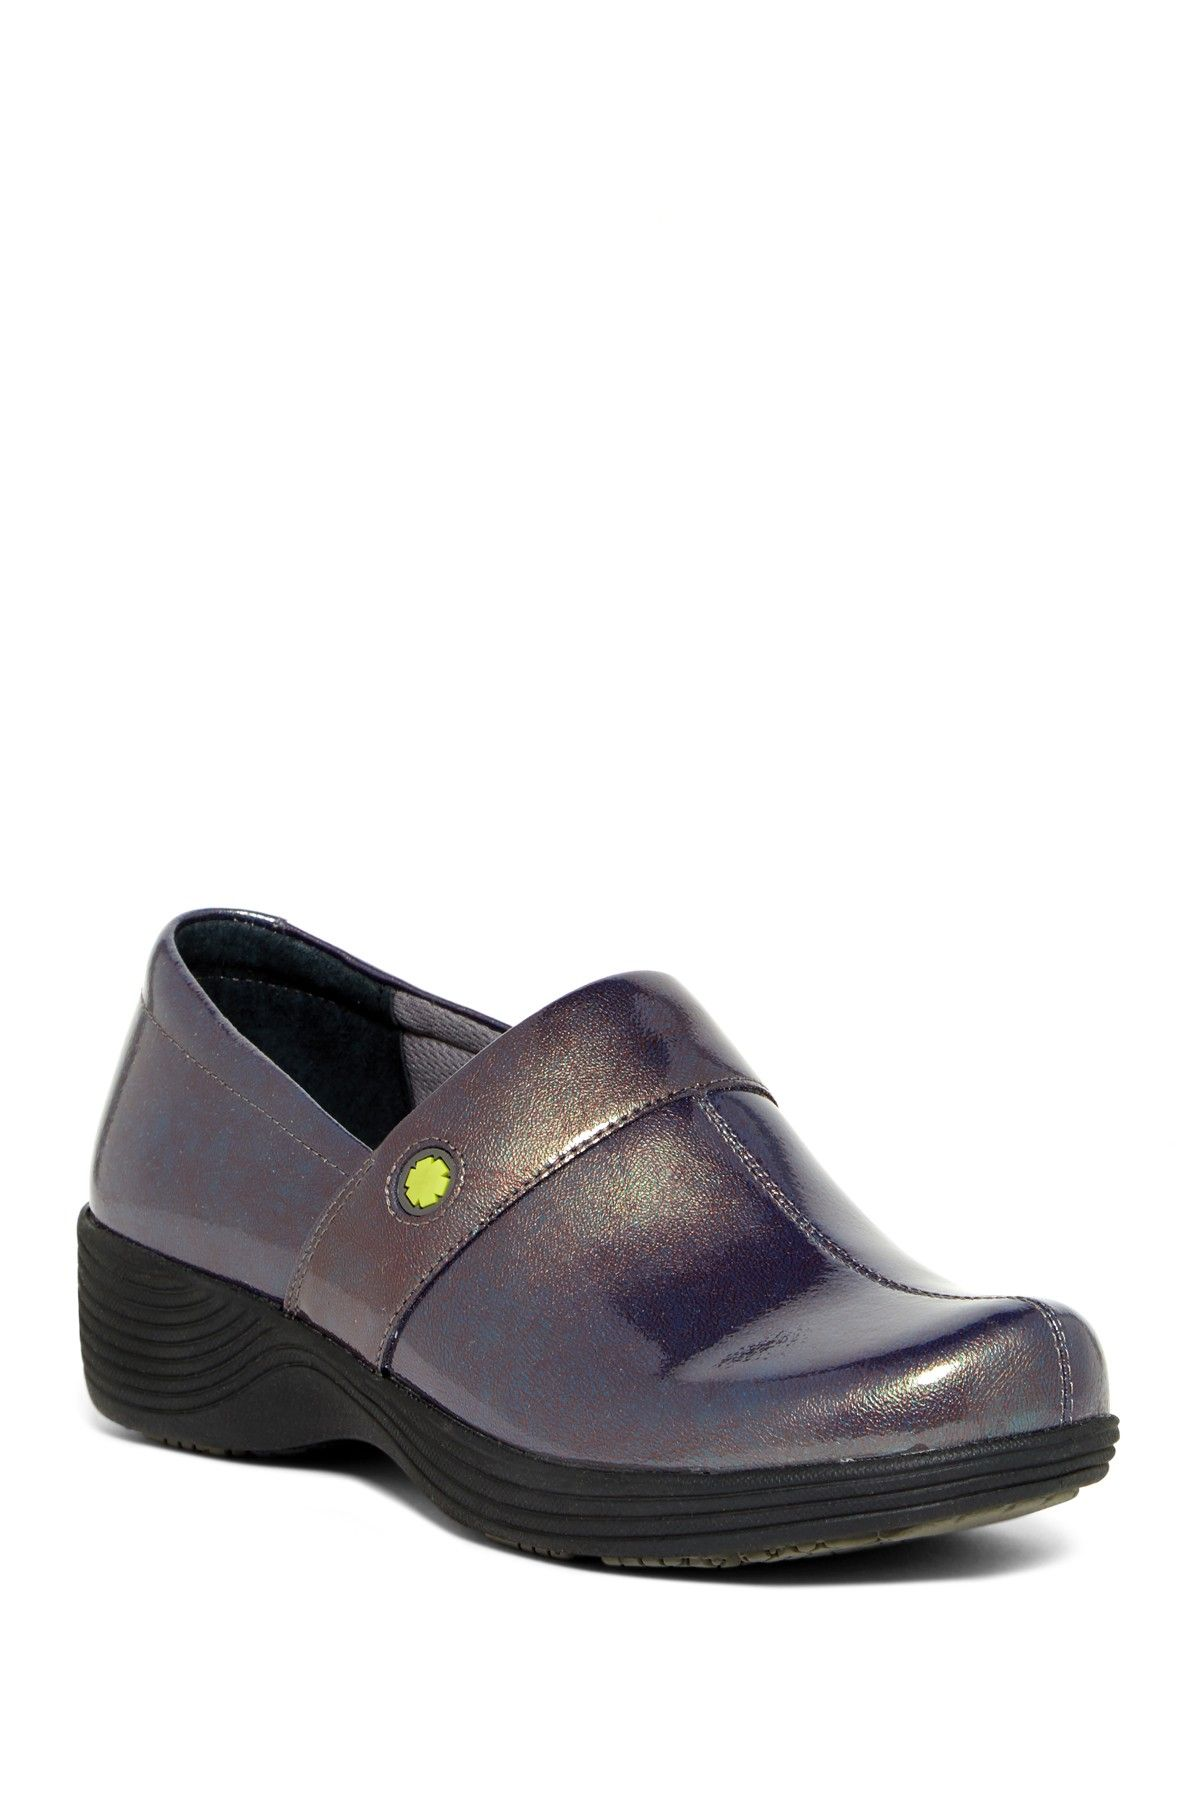 Camellia Slip-Resistant Shoe   Slip